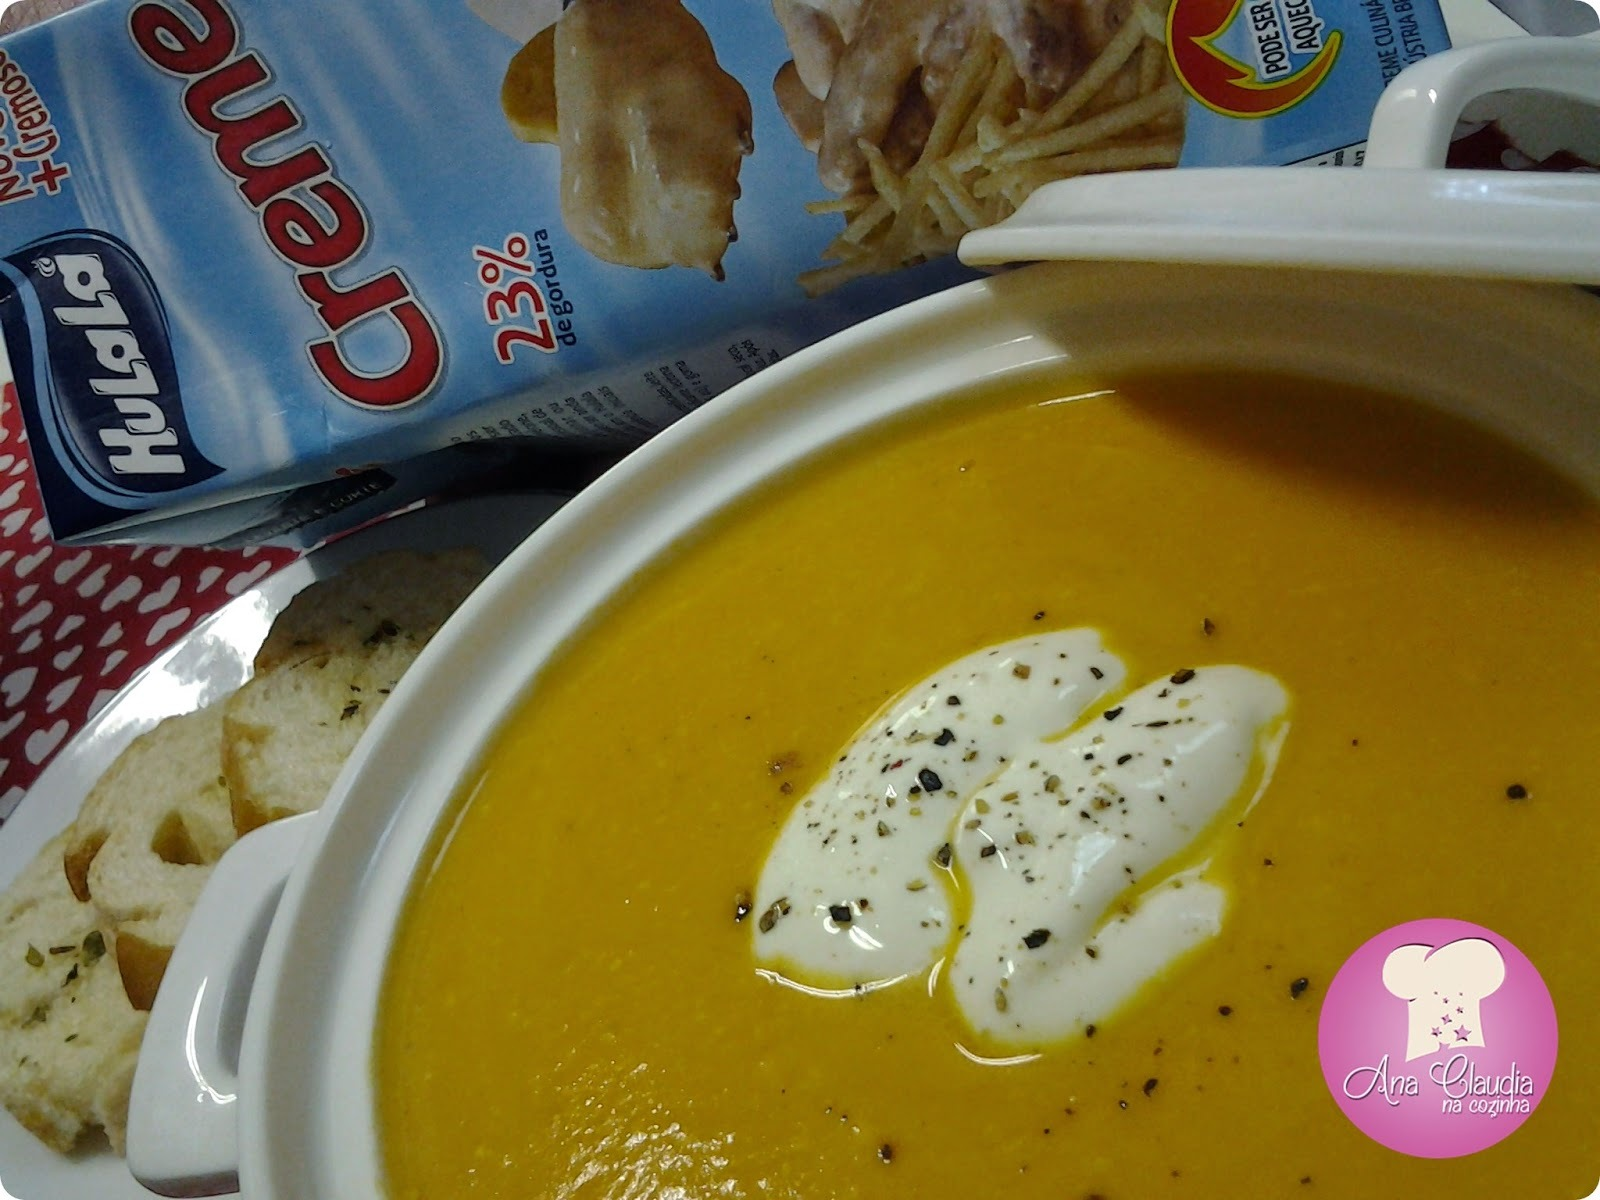 Sopa Creme de Cenoura com Gengibre